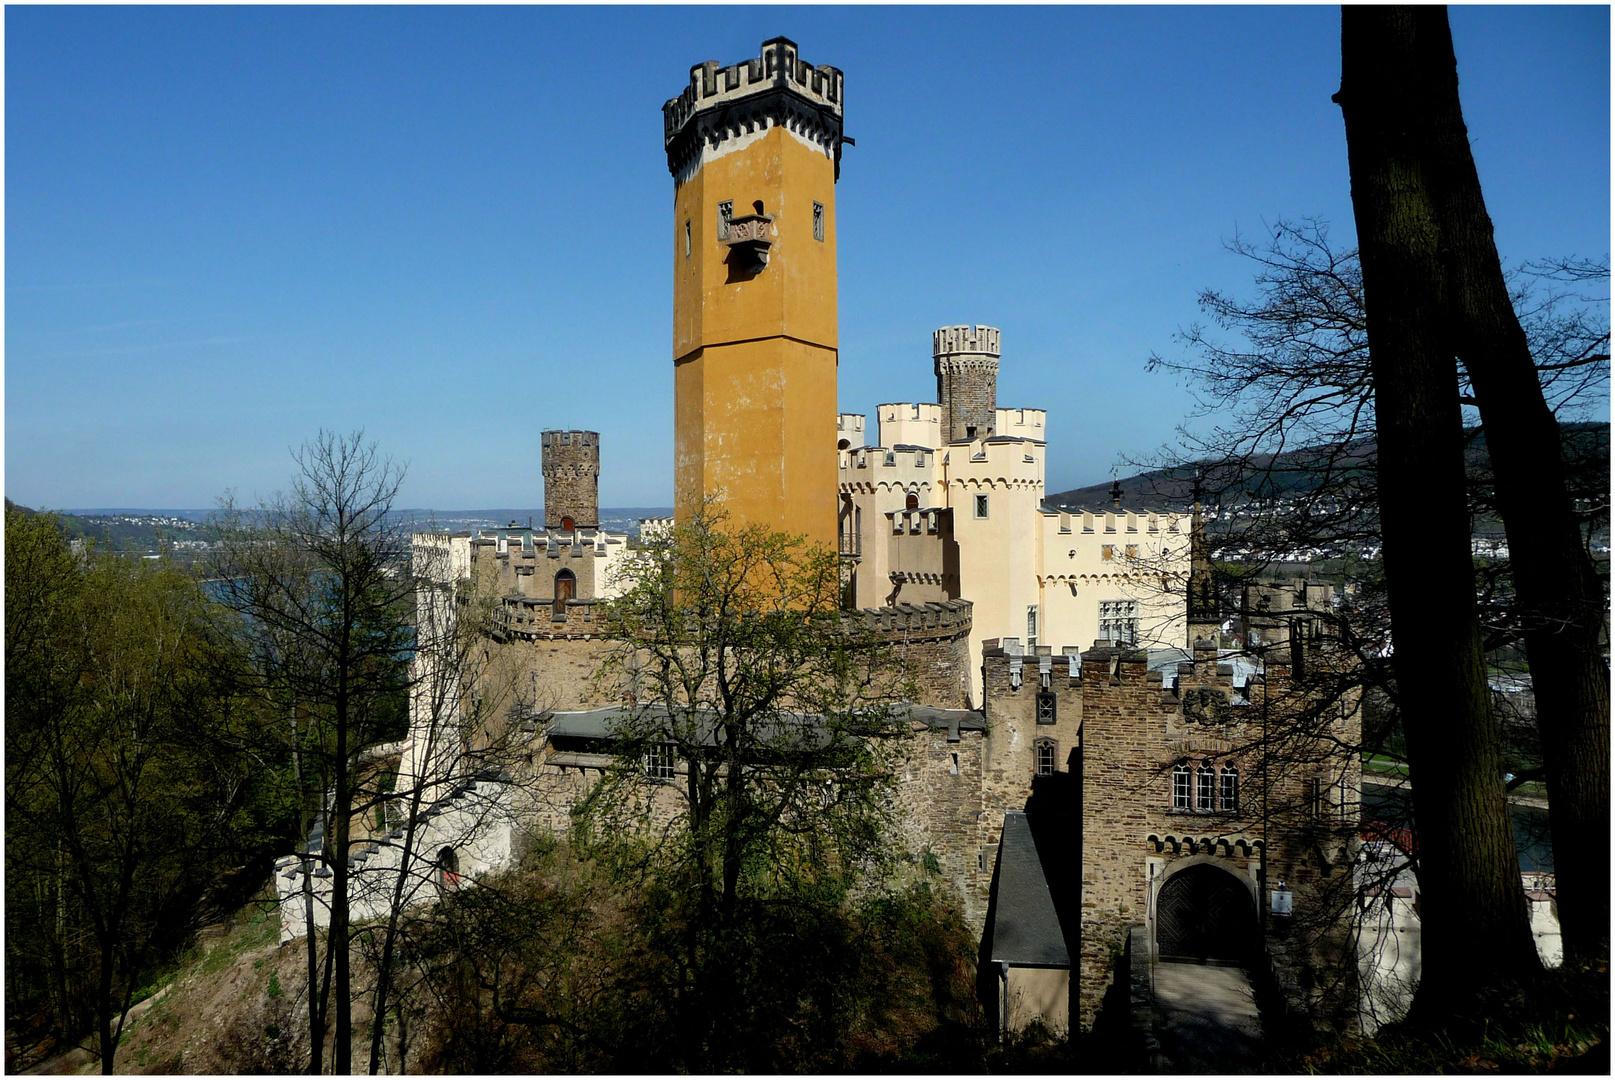 Schloss Stolzenfels über dem Stadtteil Kapellen von Koblenz